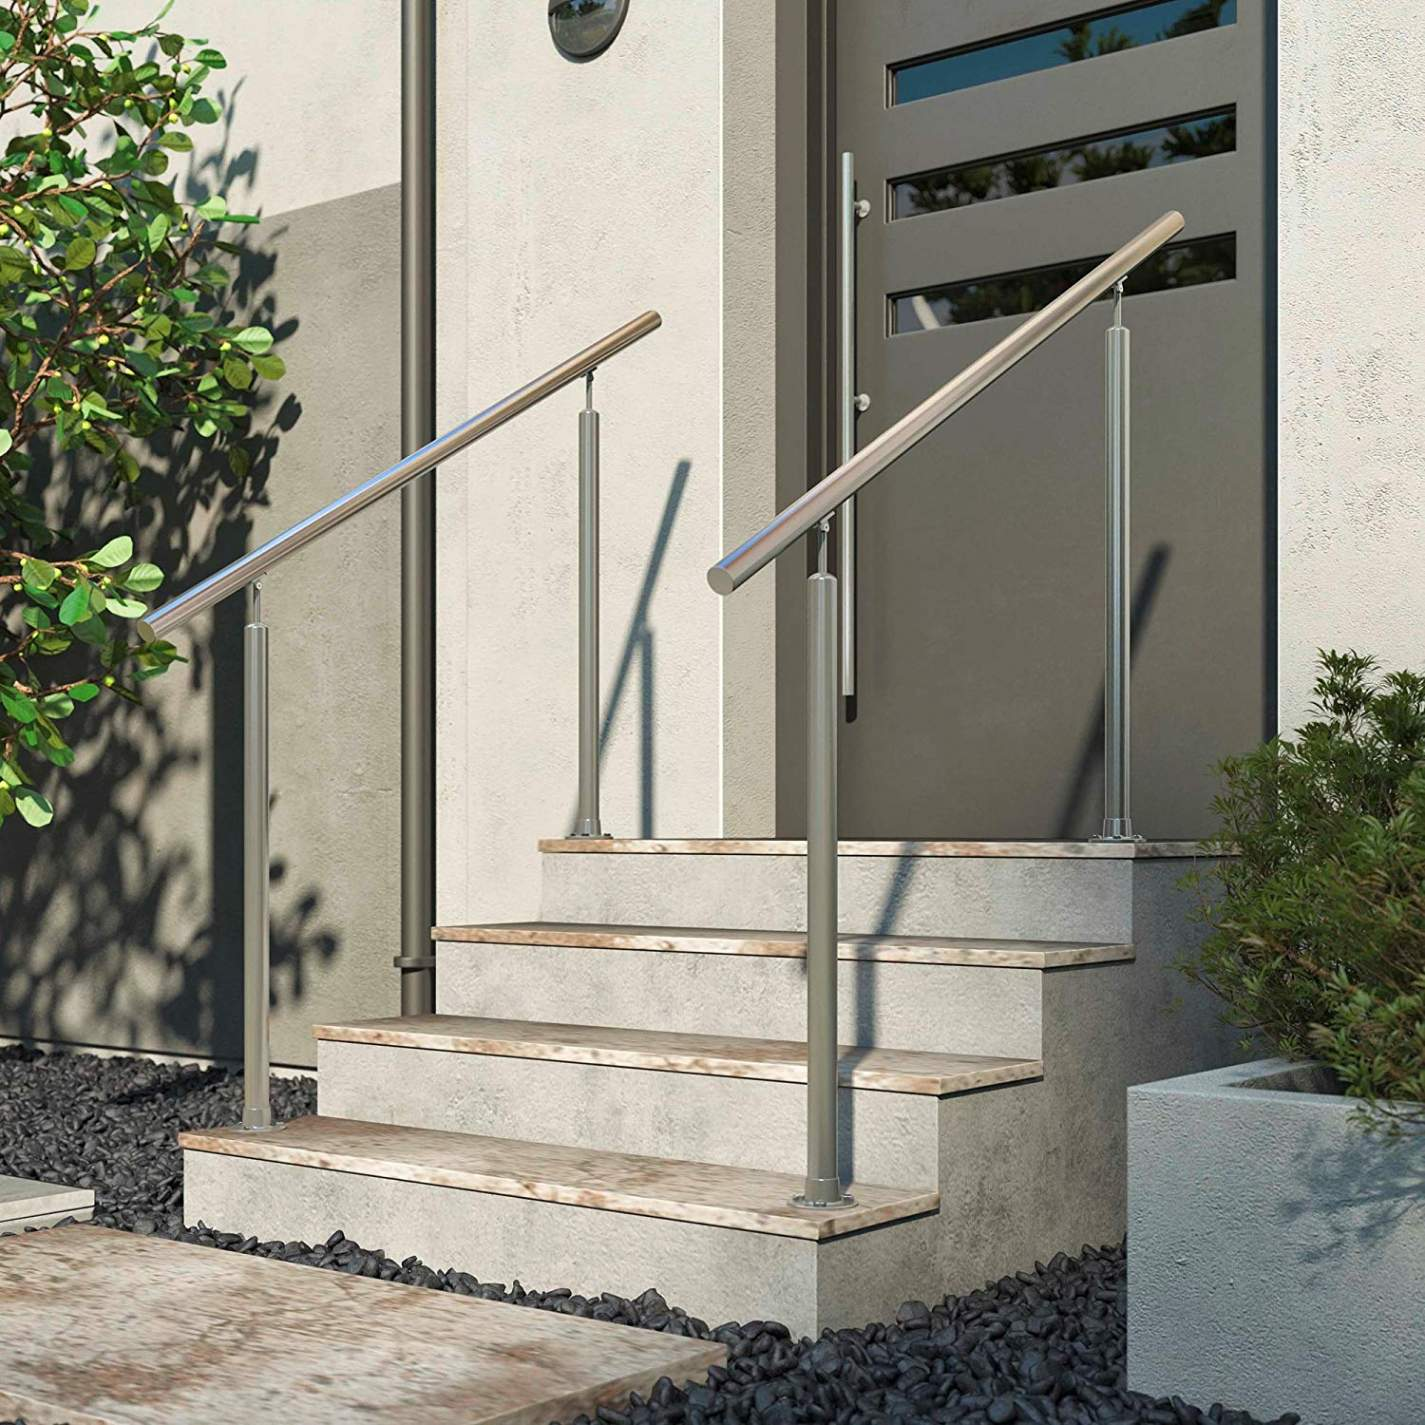 dolle gelander edelstahl hauseingang aufgesetzte montage treppe ohne handlauf erlaubt treppe ohne handlauf erlaubt